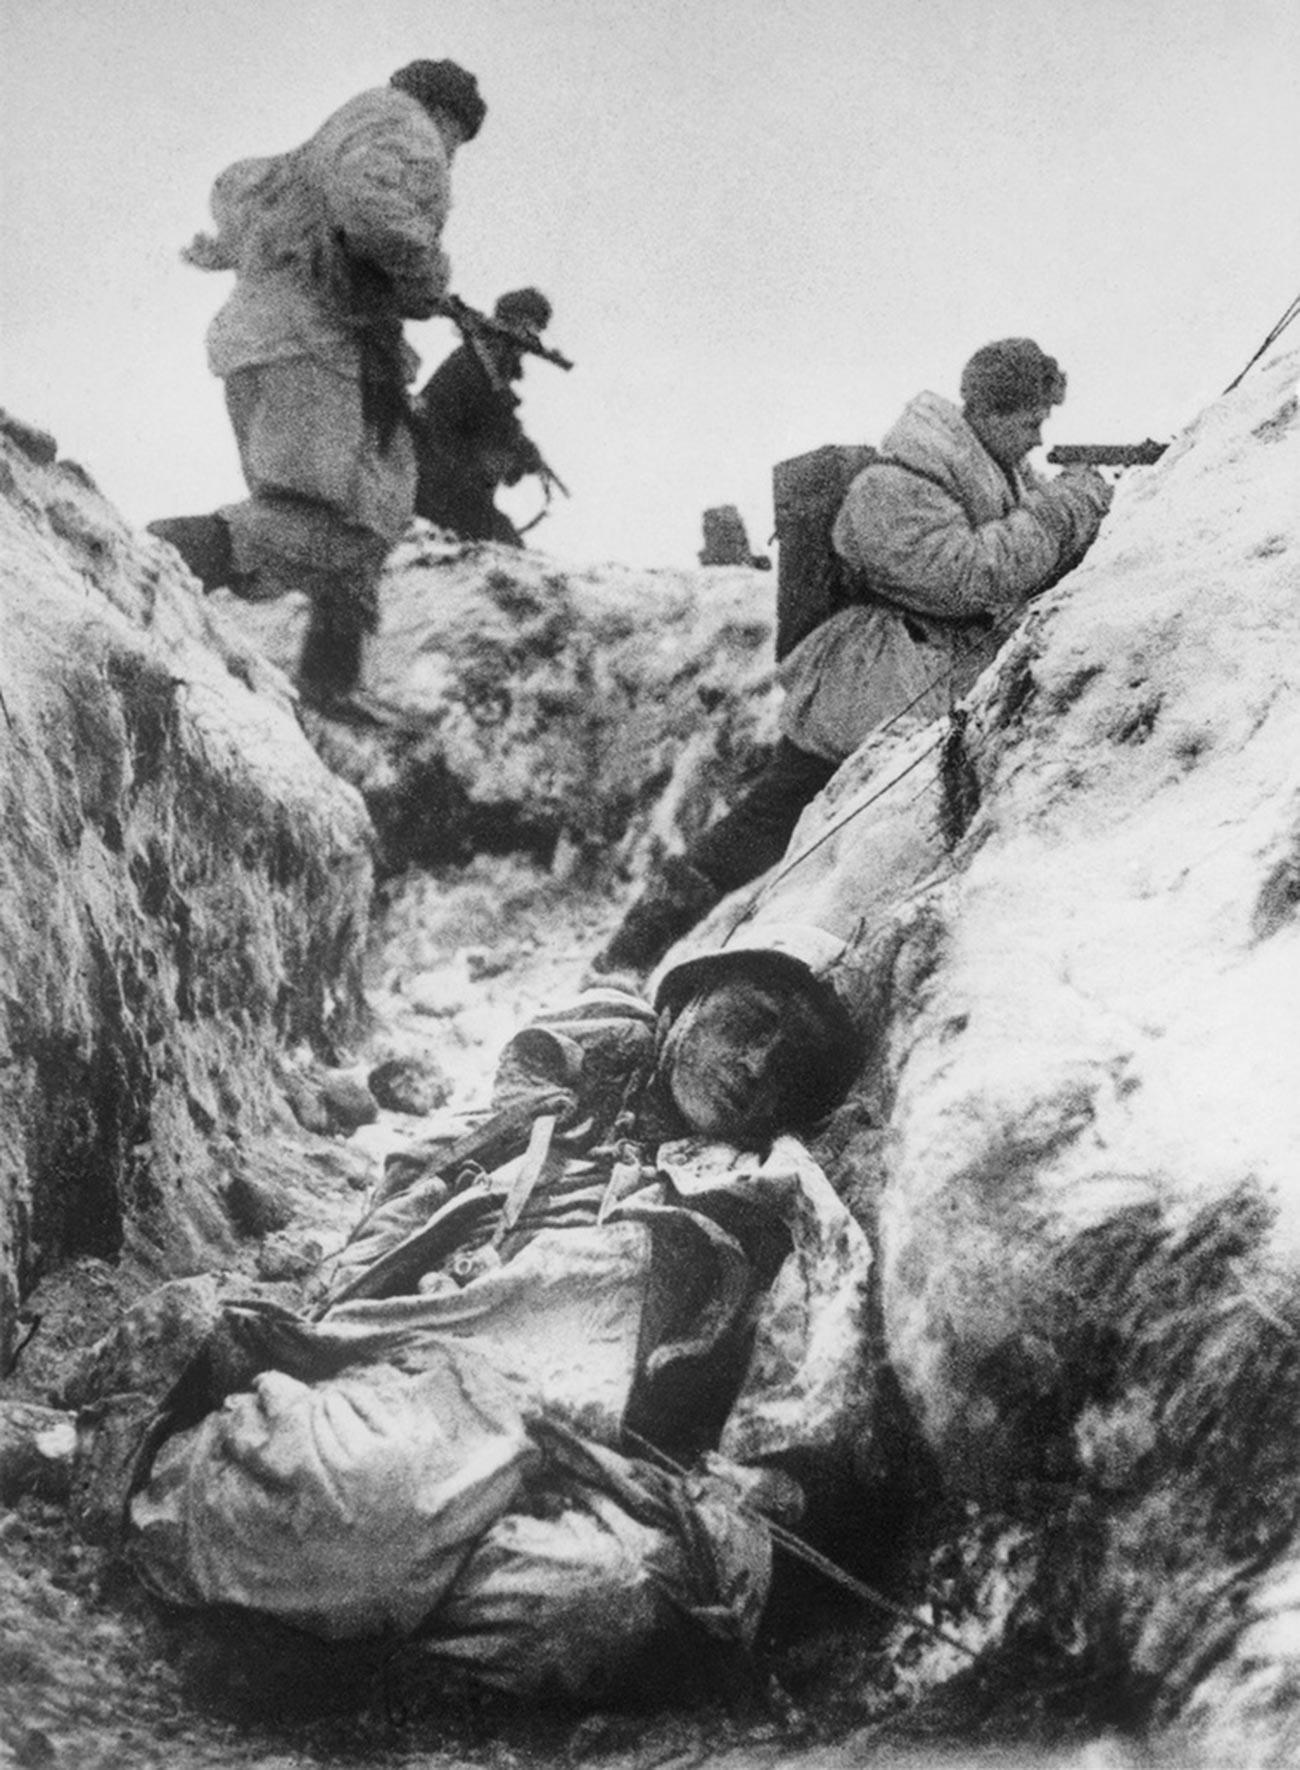 Des soldats soviétiques dans les tranchées pendant la Seconde Guerre mondiale